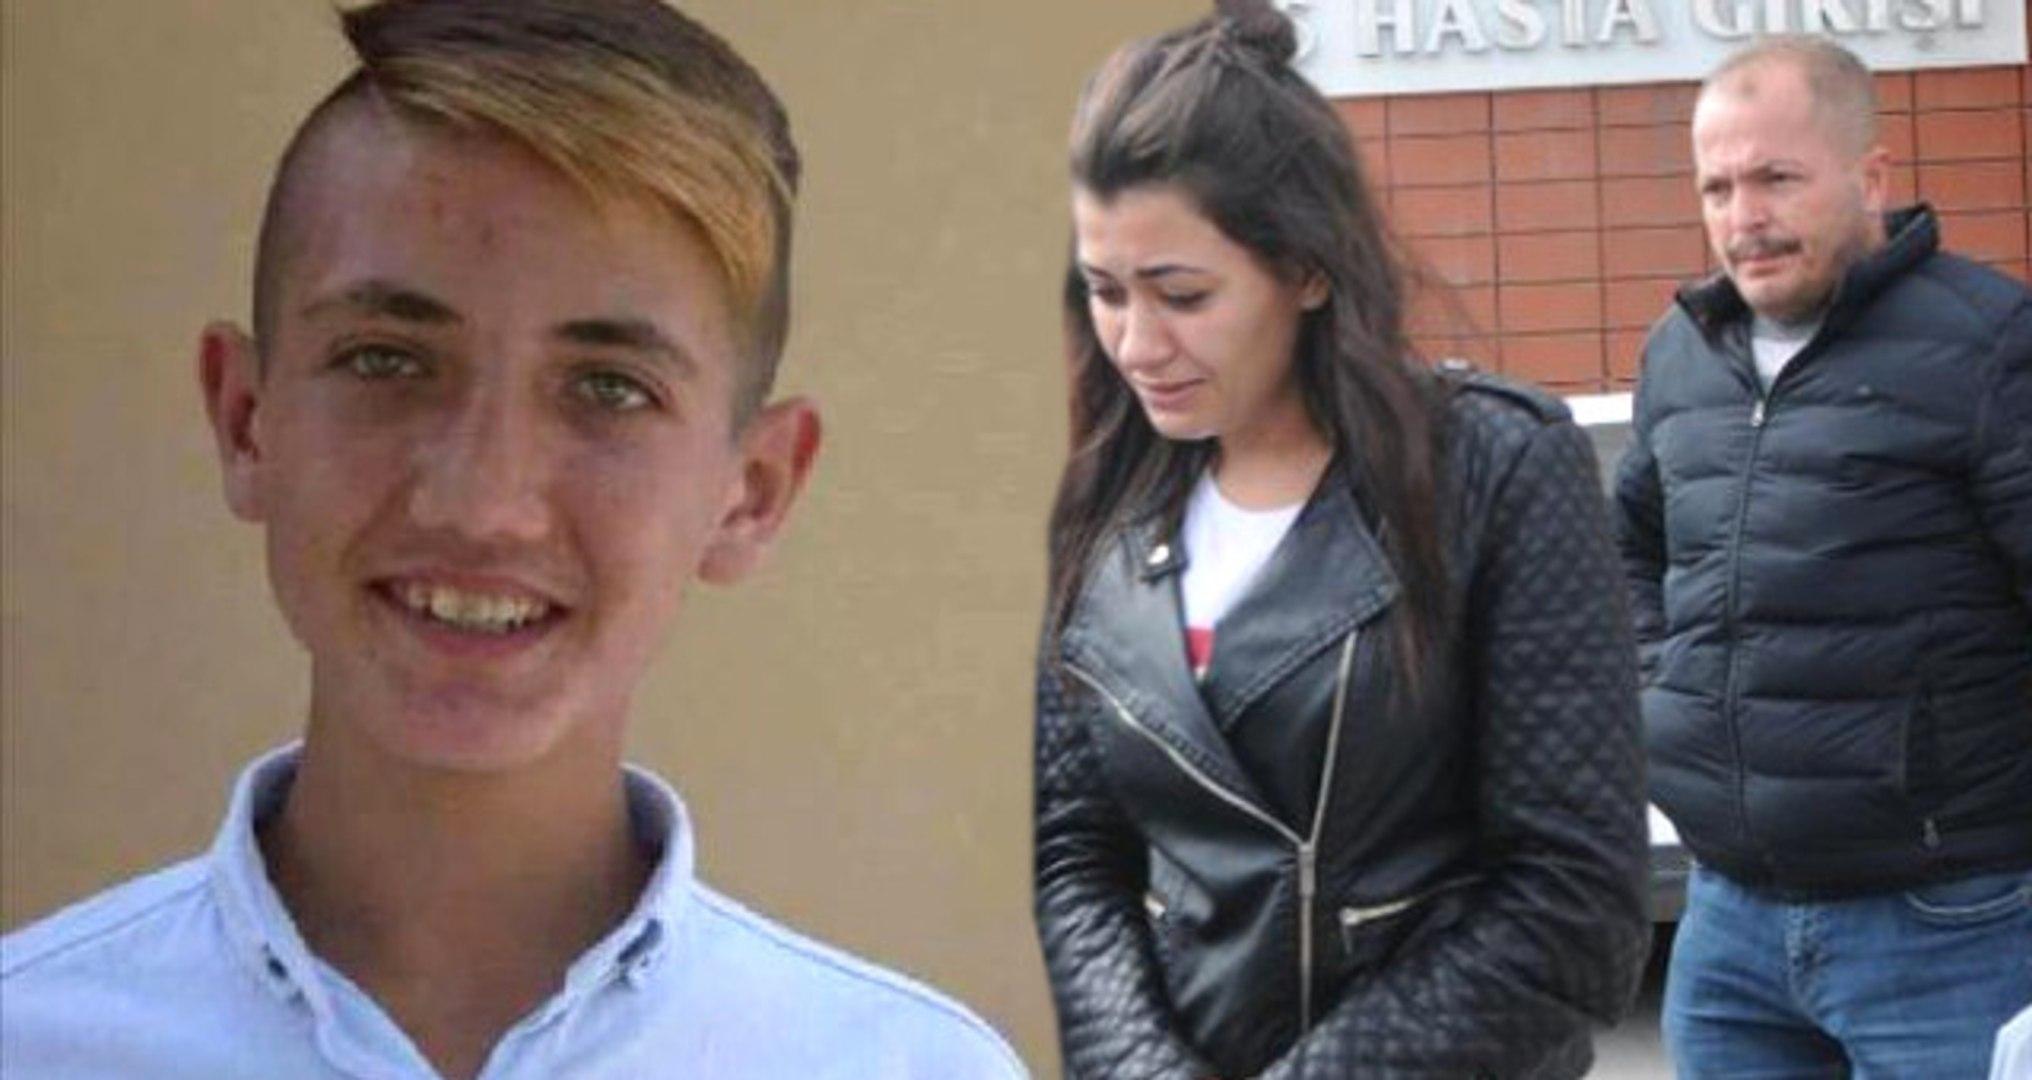 Eskişehir'de Dehşet! Liseli Kız, Sokak Ortasında 15 Yaşındaki Çocuğu Öldürdü